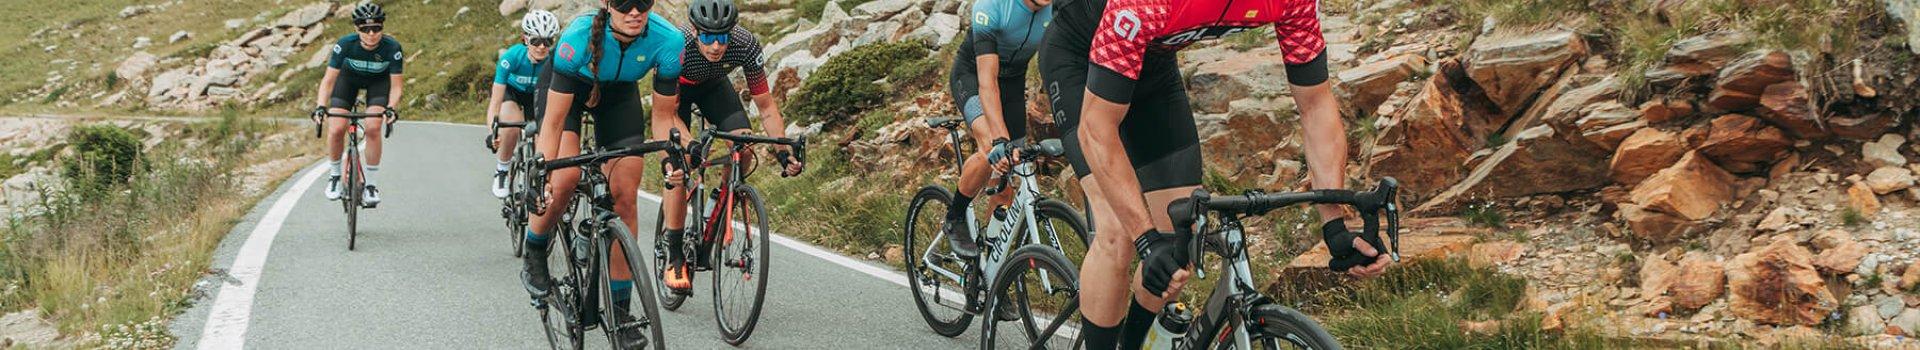 Odzież rowerowa Ale – nowość w ofercie Bikesalon dla miłośników jazdy przez cały rok